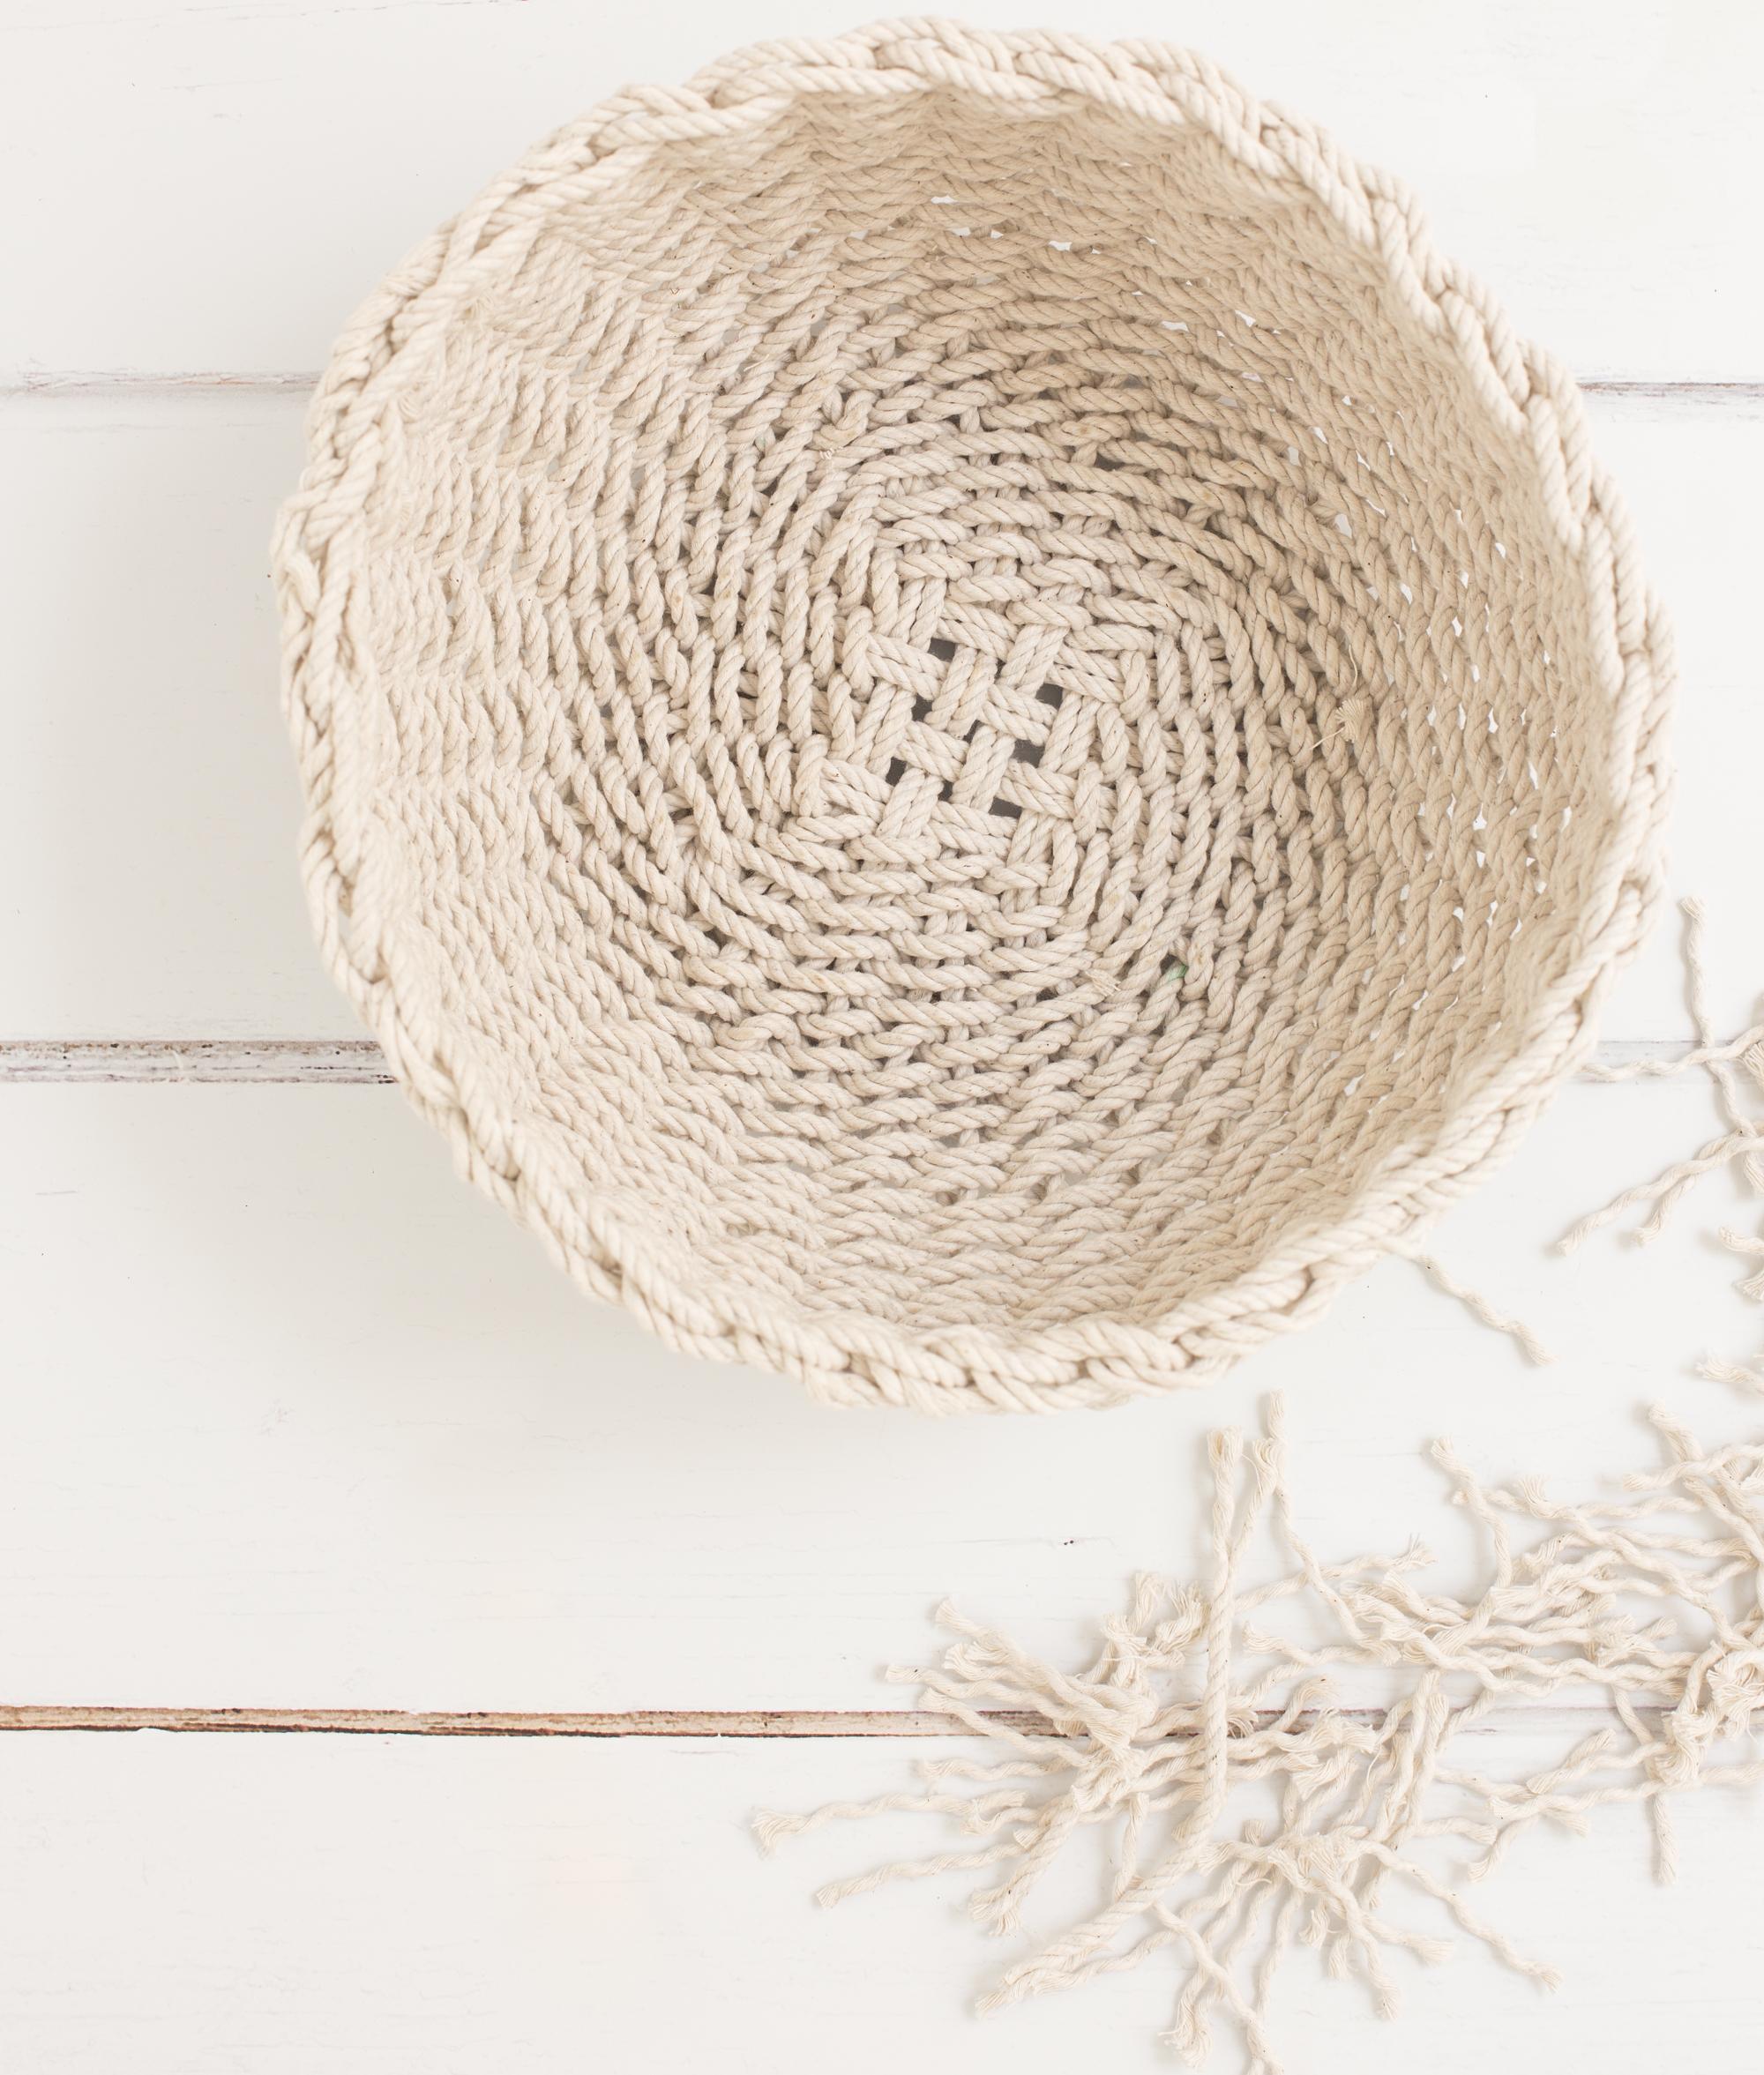 rope basket no tool-1.jpeg